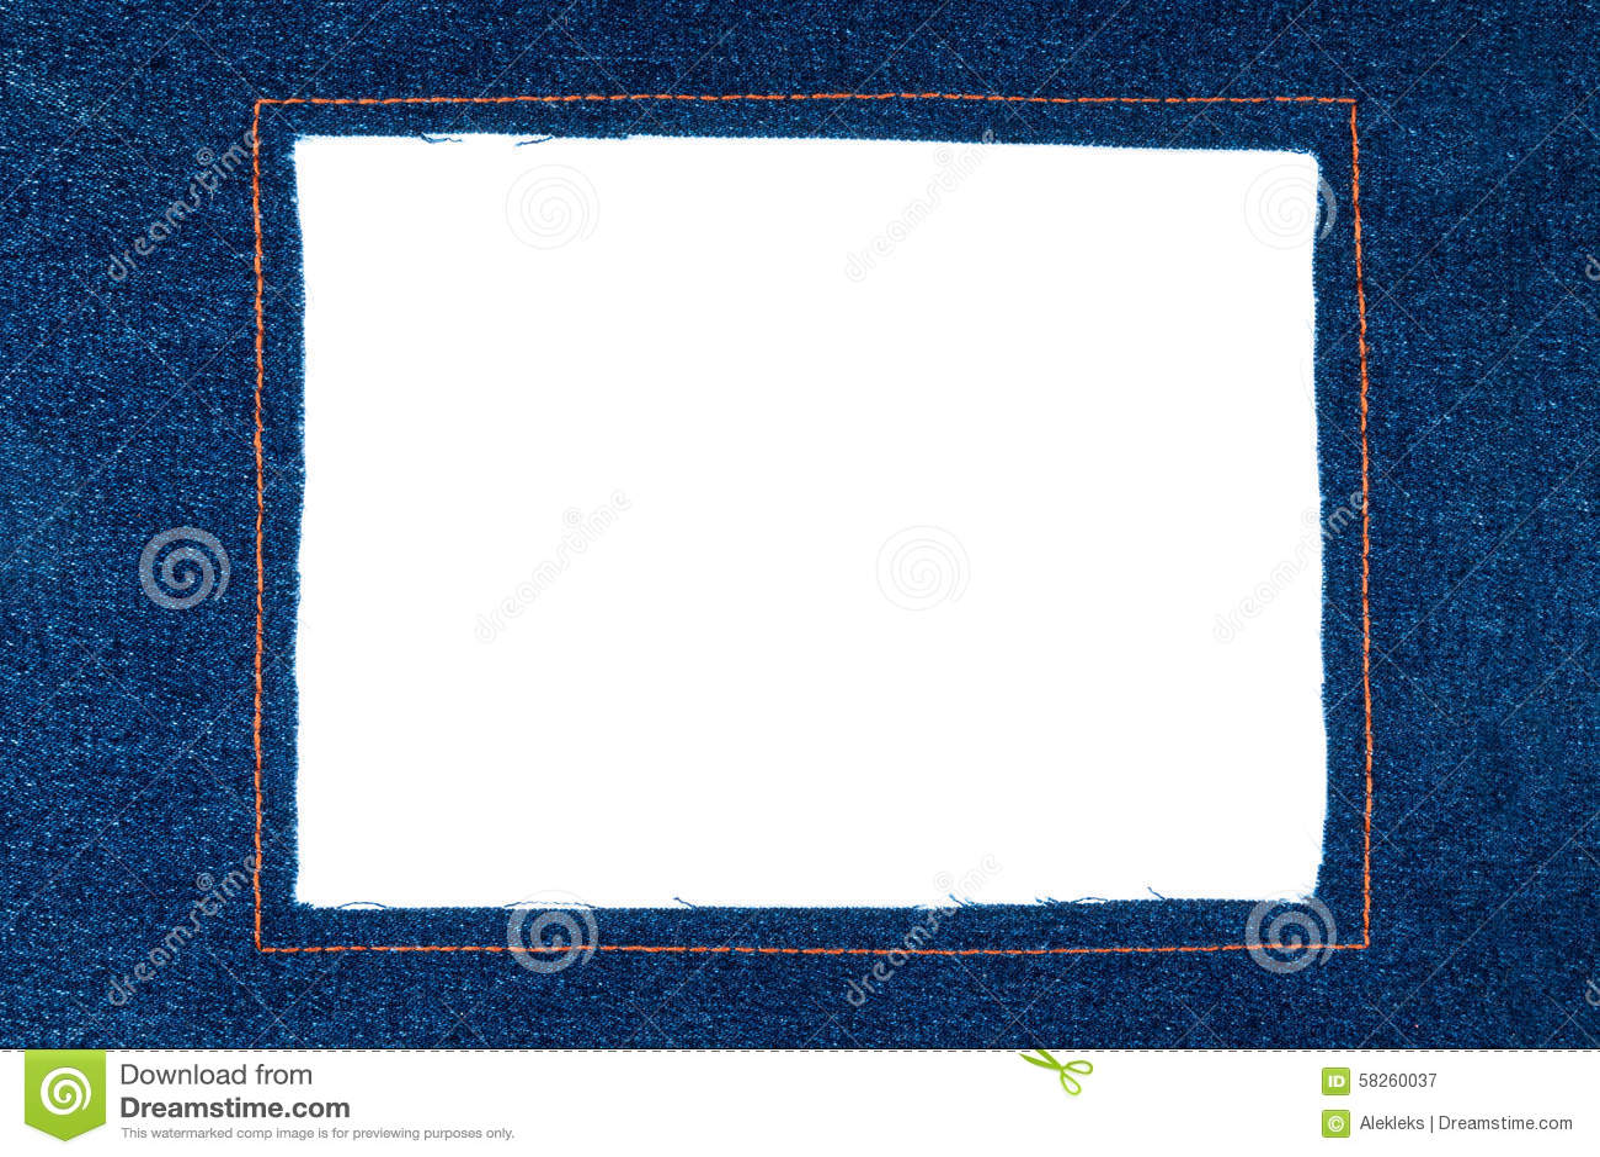 Denimrahmen Mit Dunklen Jeans Stockbild - Bild von denim, fashion ...